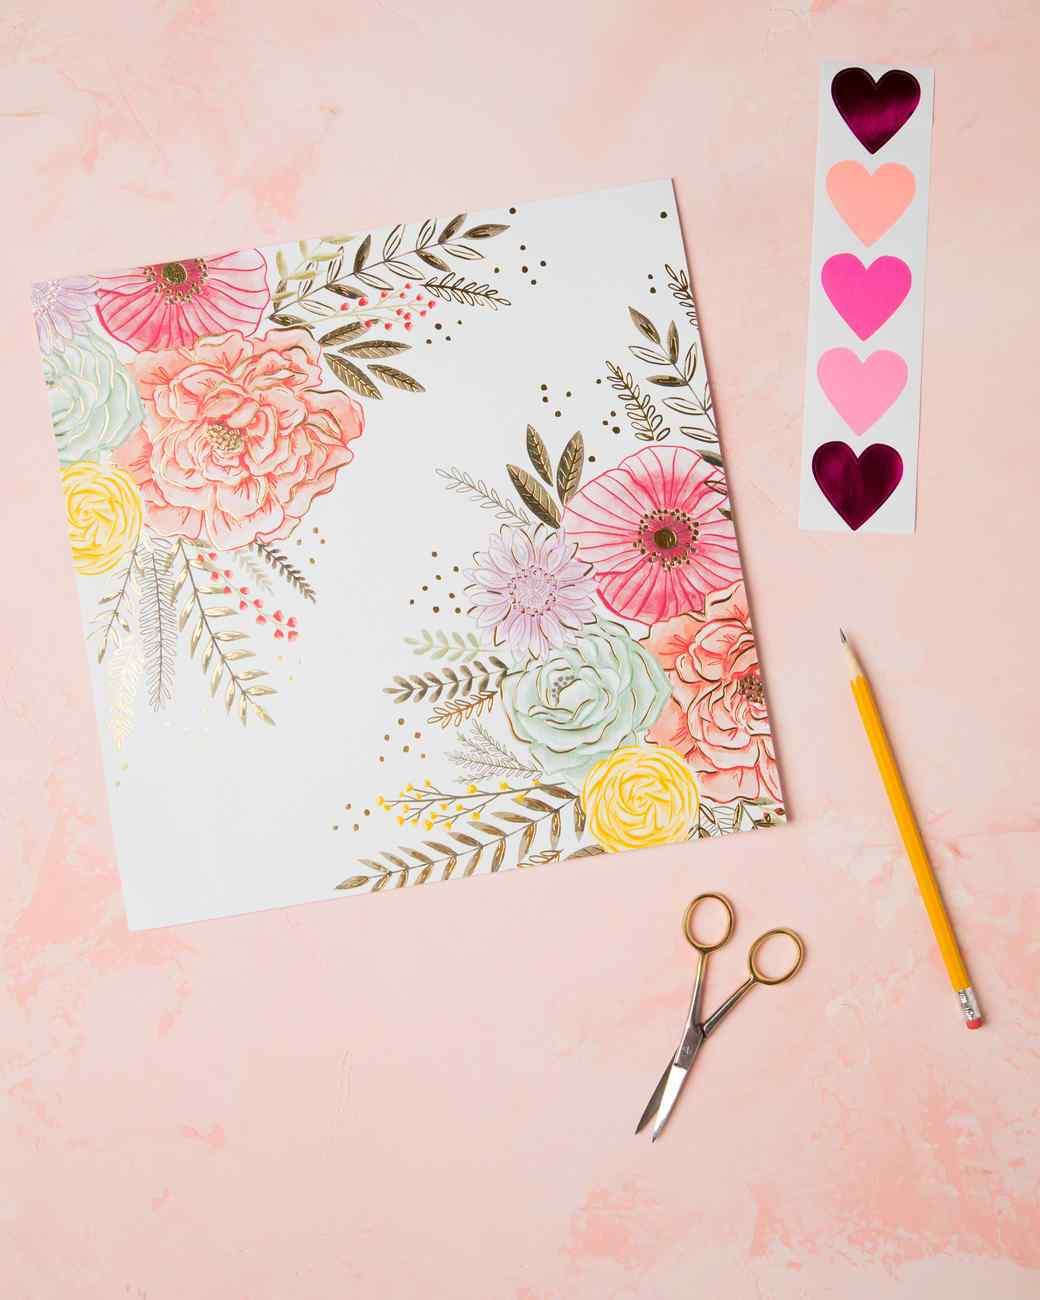 materiales necesarios para hacer un sobre bonito para carta de amor, regalos san valentin hechos a mano